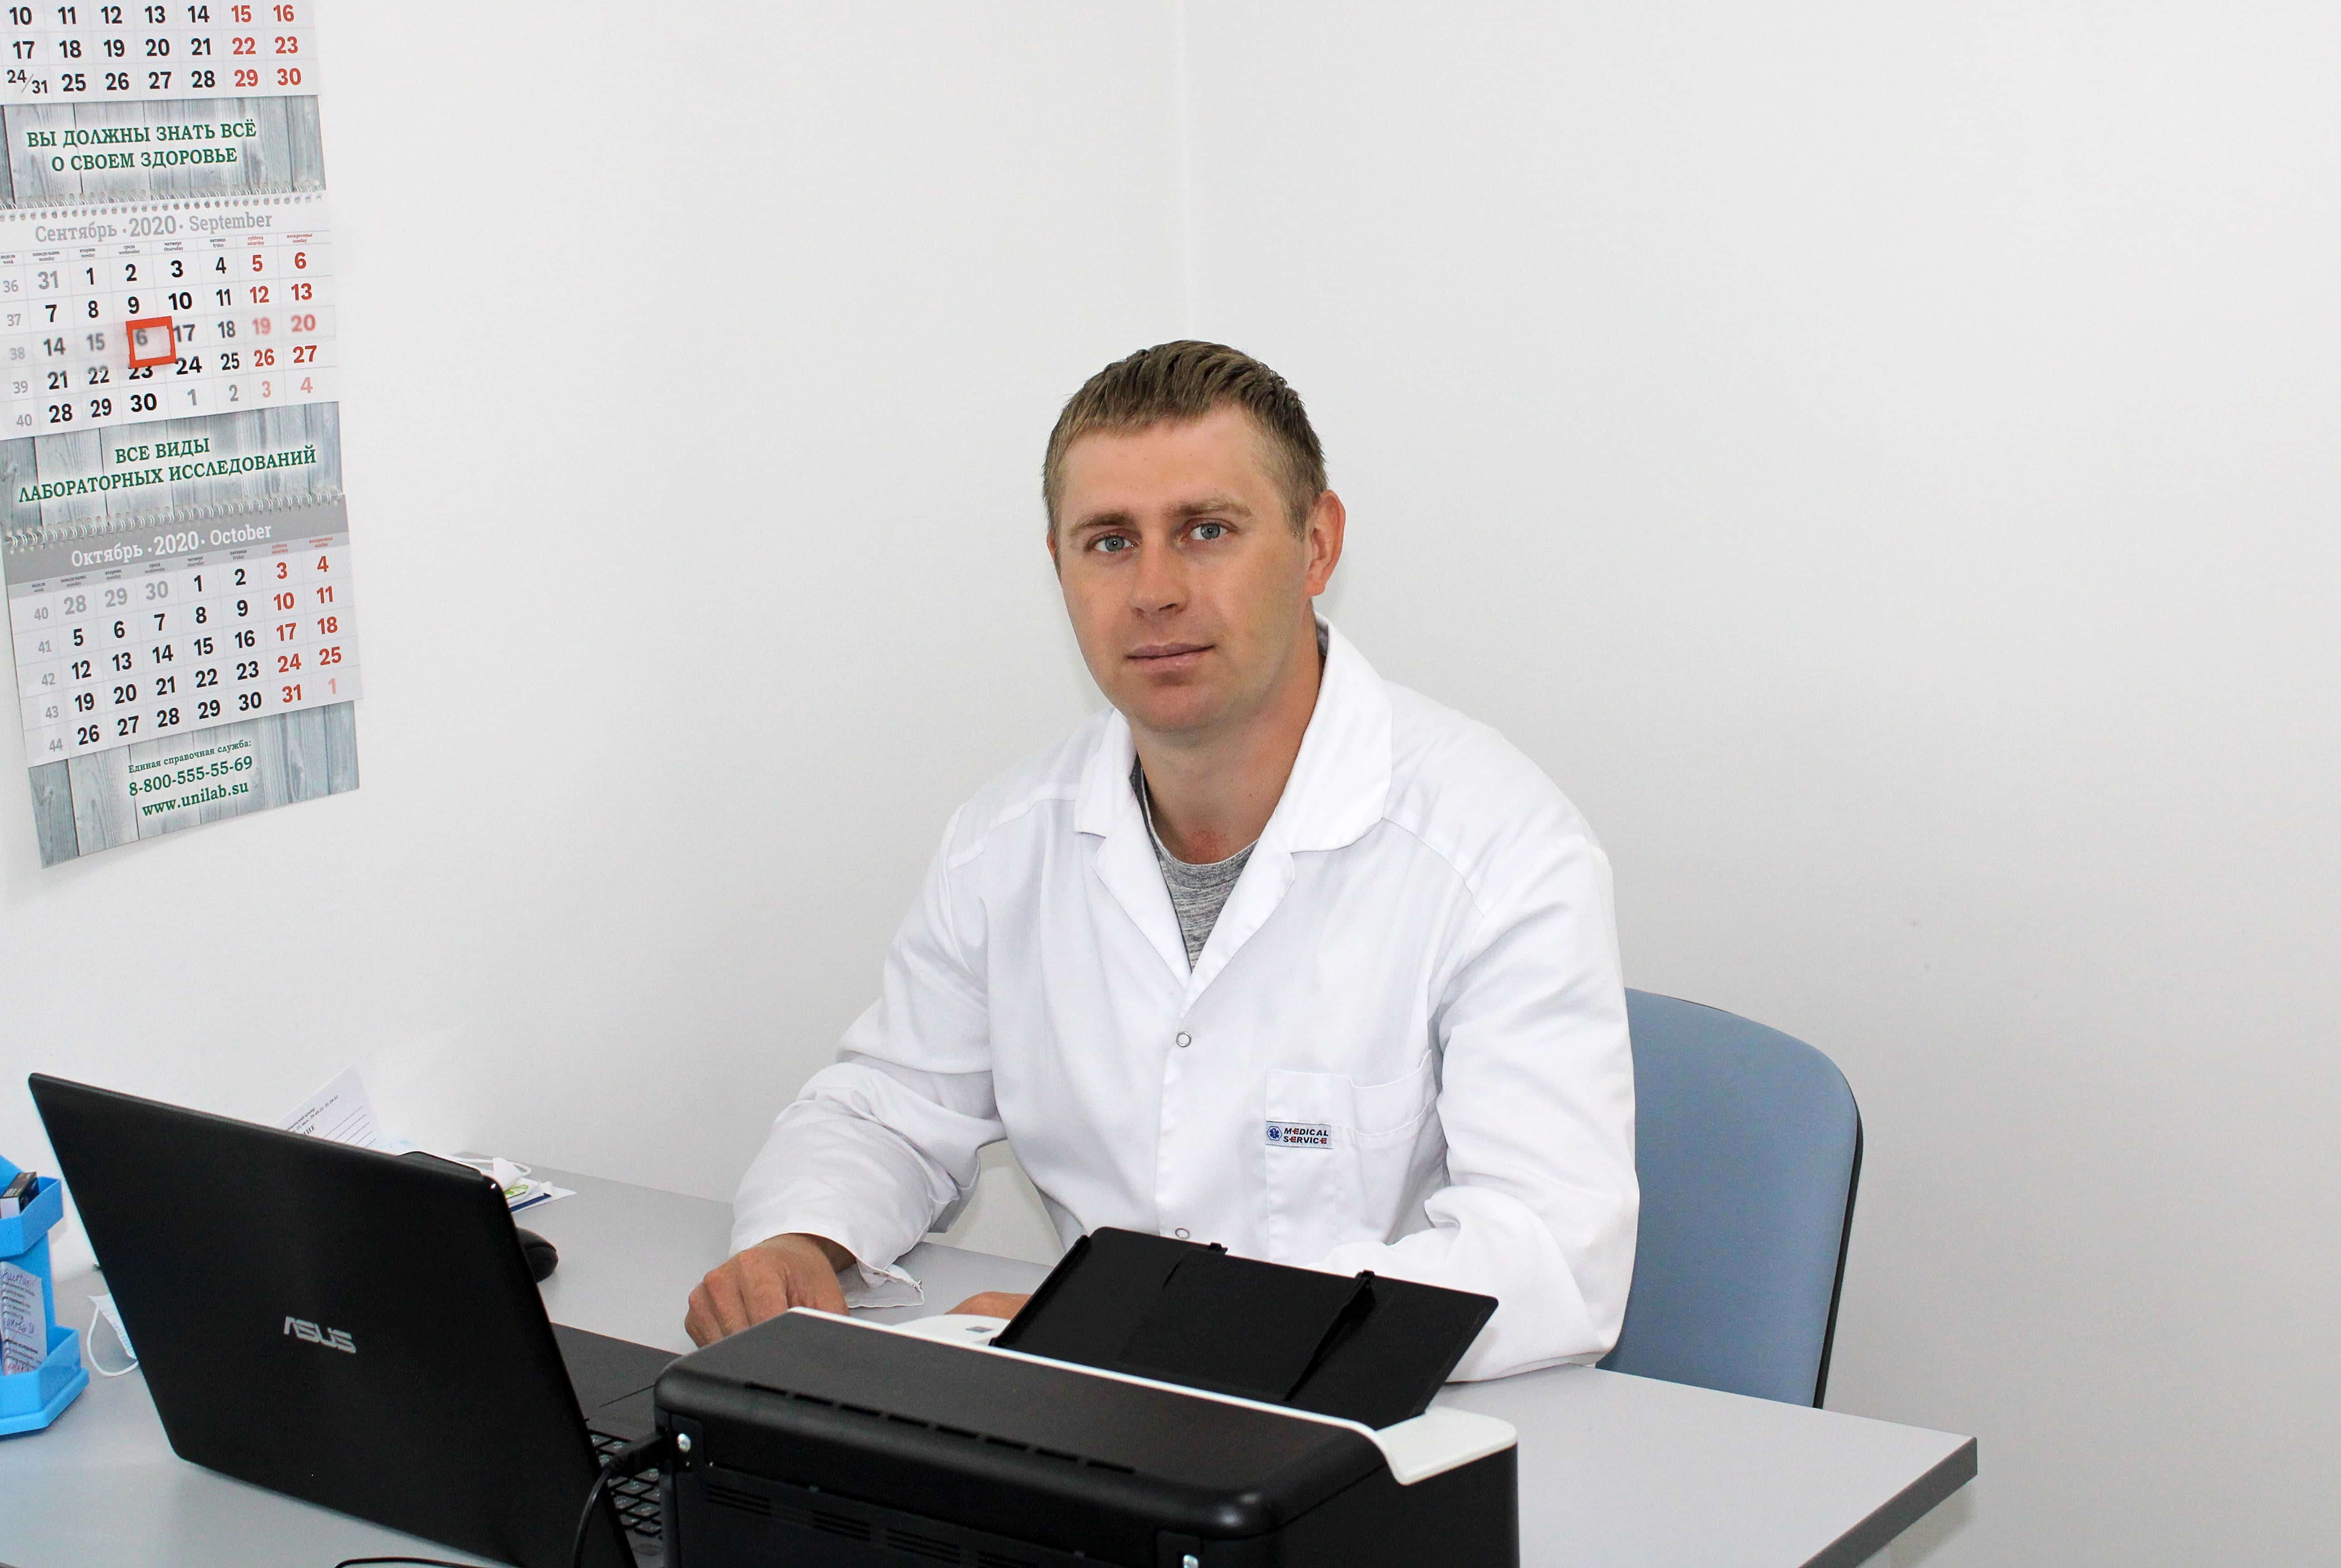 Мухамедзянов Дмитрий Ильфатович